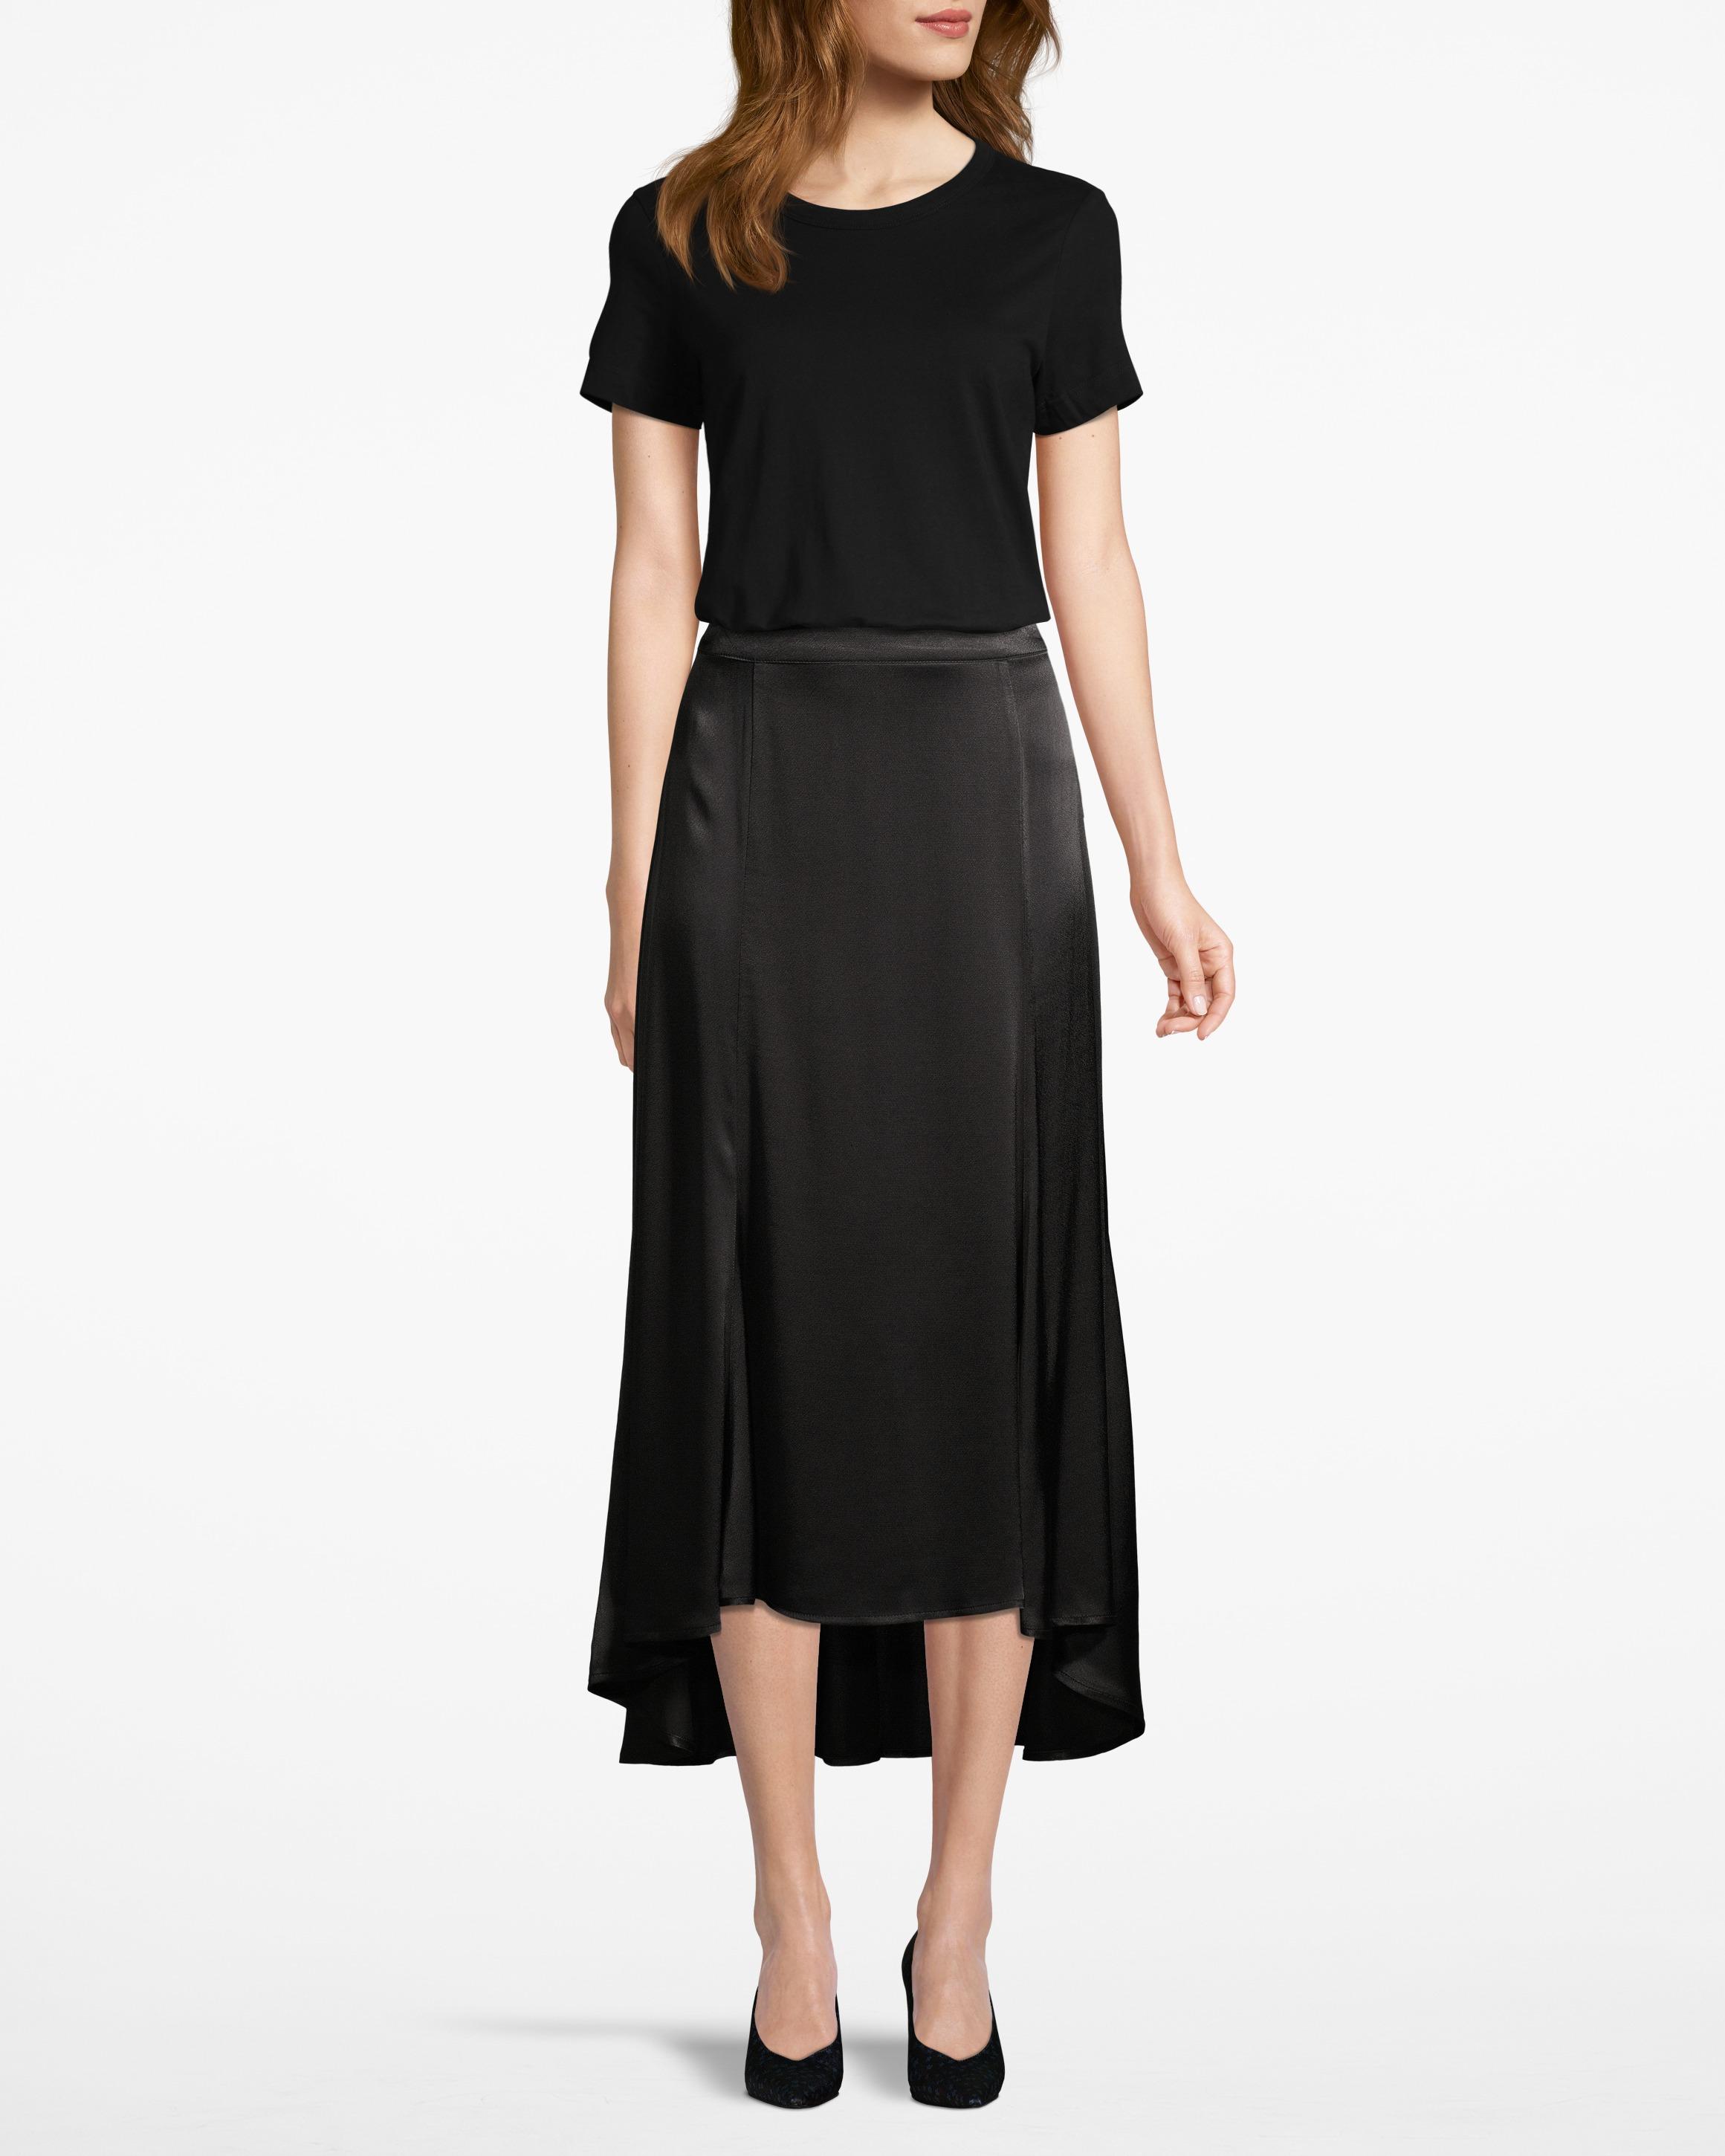 Darling Skirt 001 Black shop 25 70%   Gratis retourneren